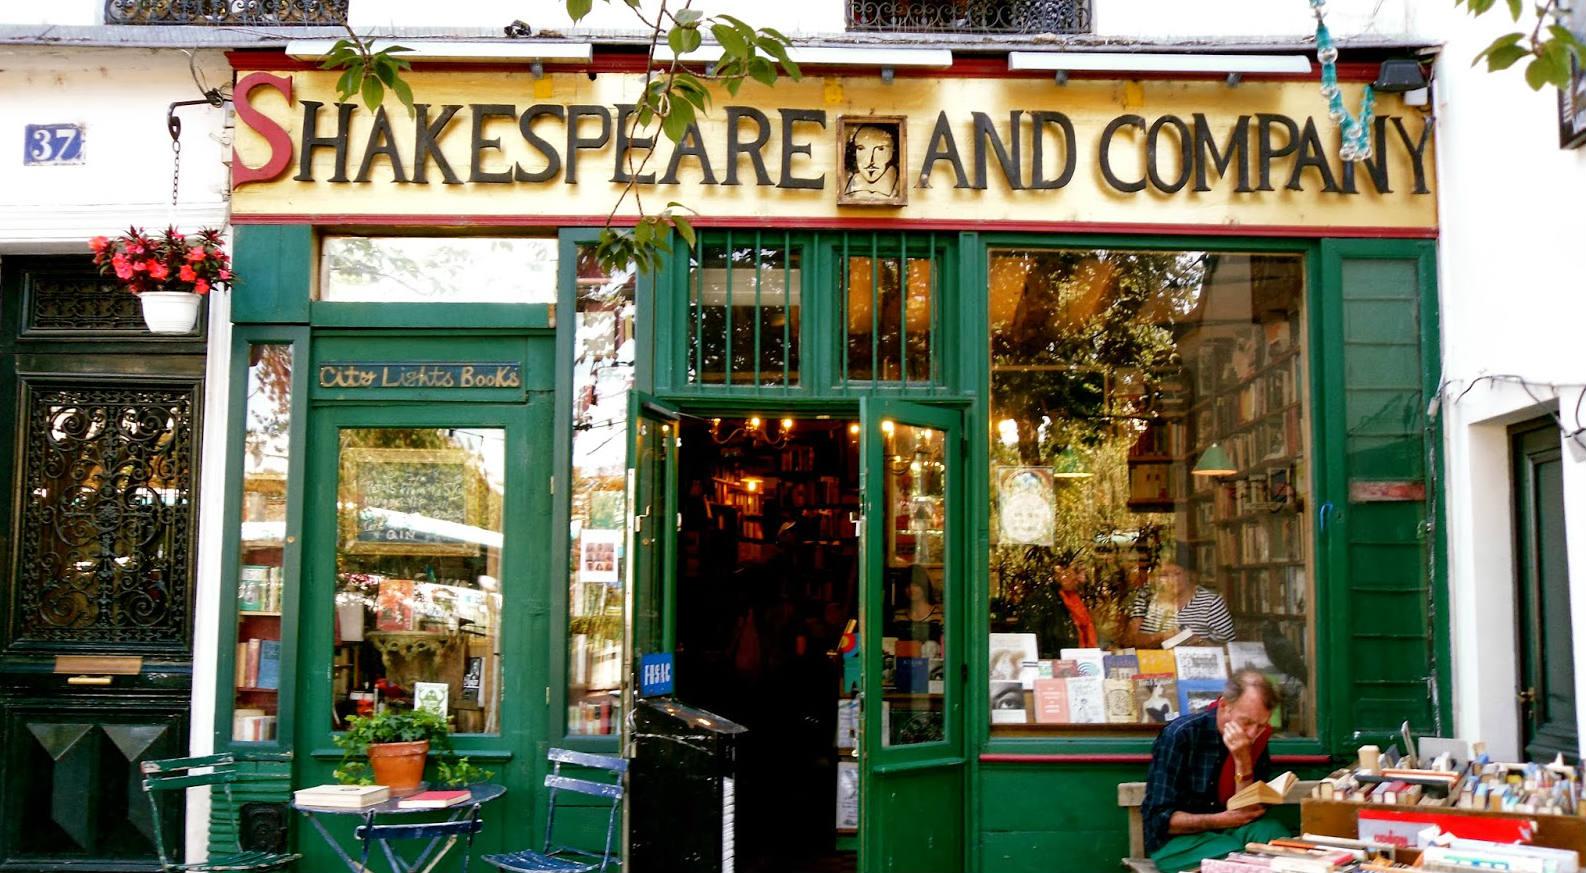 La libreria Shakespeare-and-company di Parigi